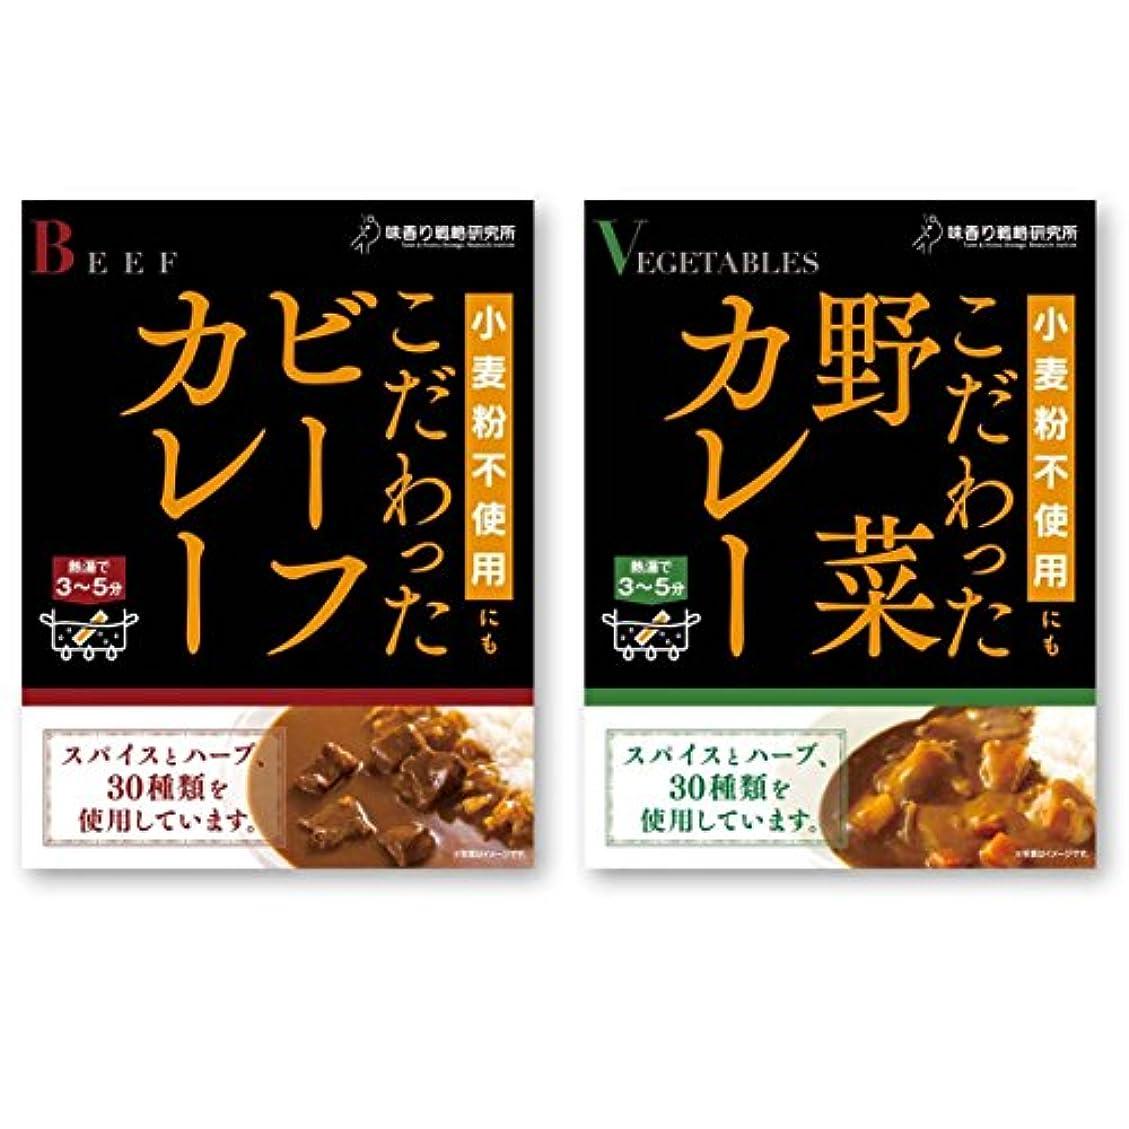 寛大なテラス自発小麦粉不使用にもこだわったビーフカレー&野菜カレー 180g×各2食セット(計4食)